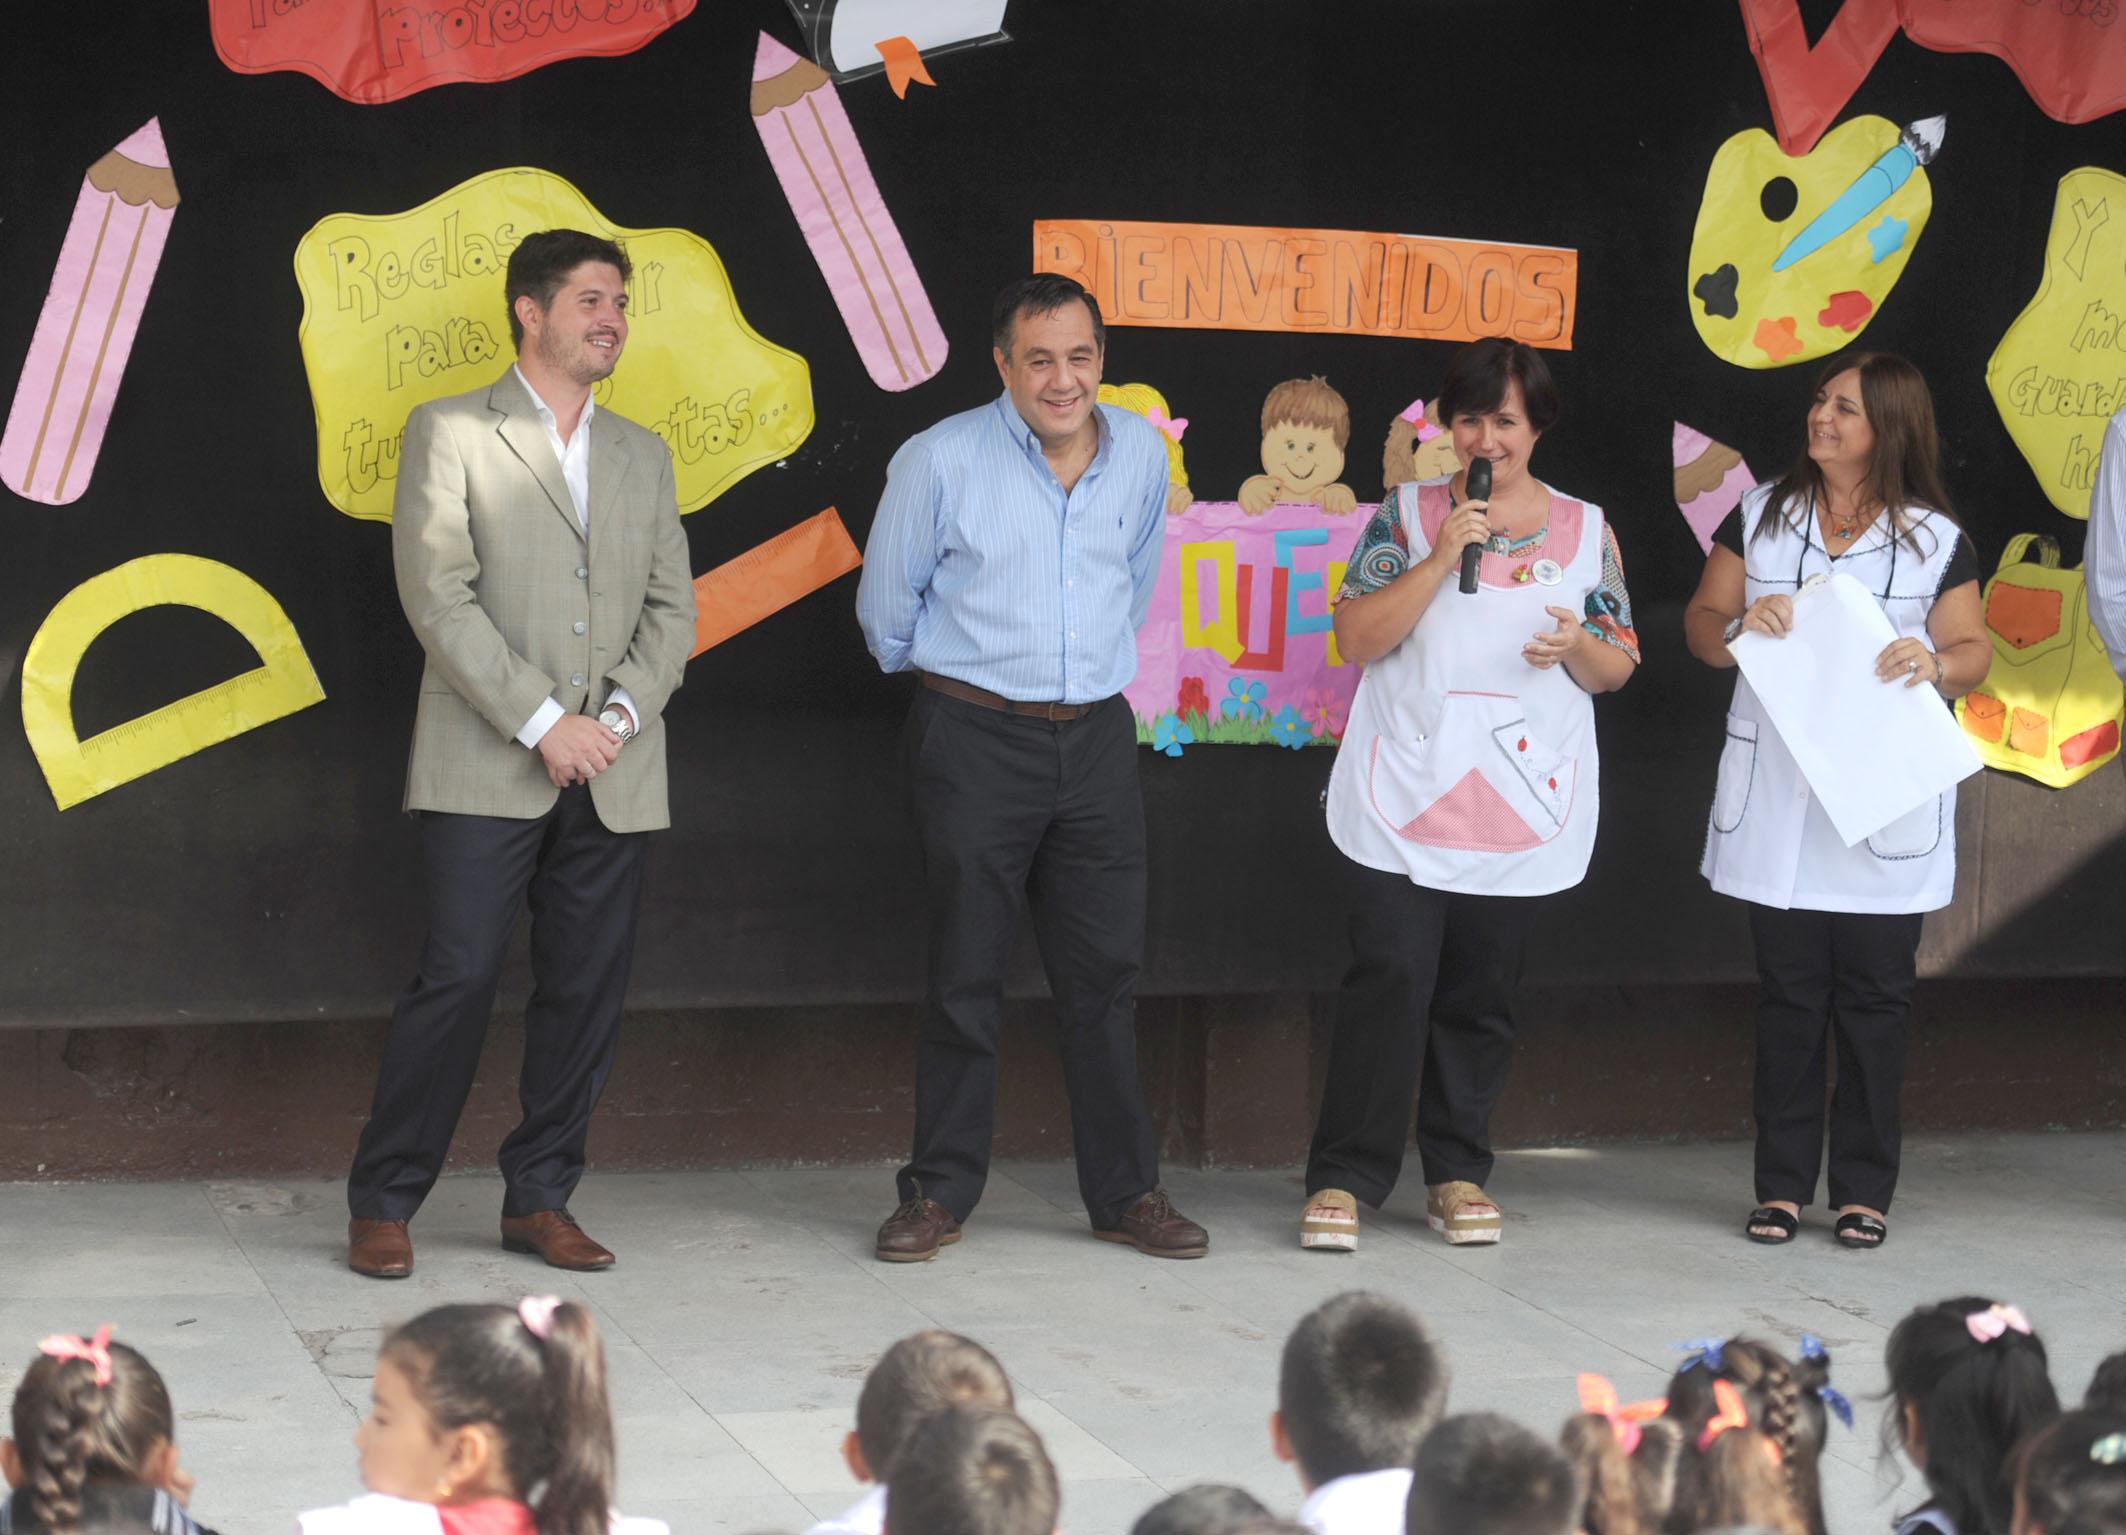 Noticias-chivilcoy_4marzo03-2016 - Finocchiaro visitó la Escuela 6 de La Matanza donde curso primaria 4